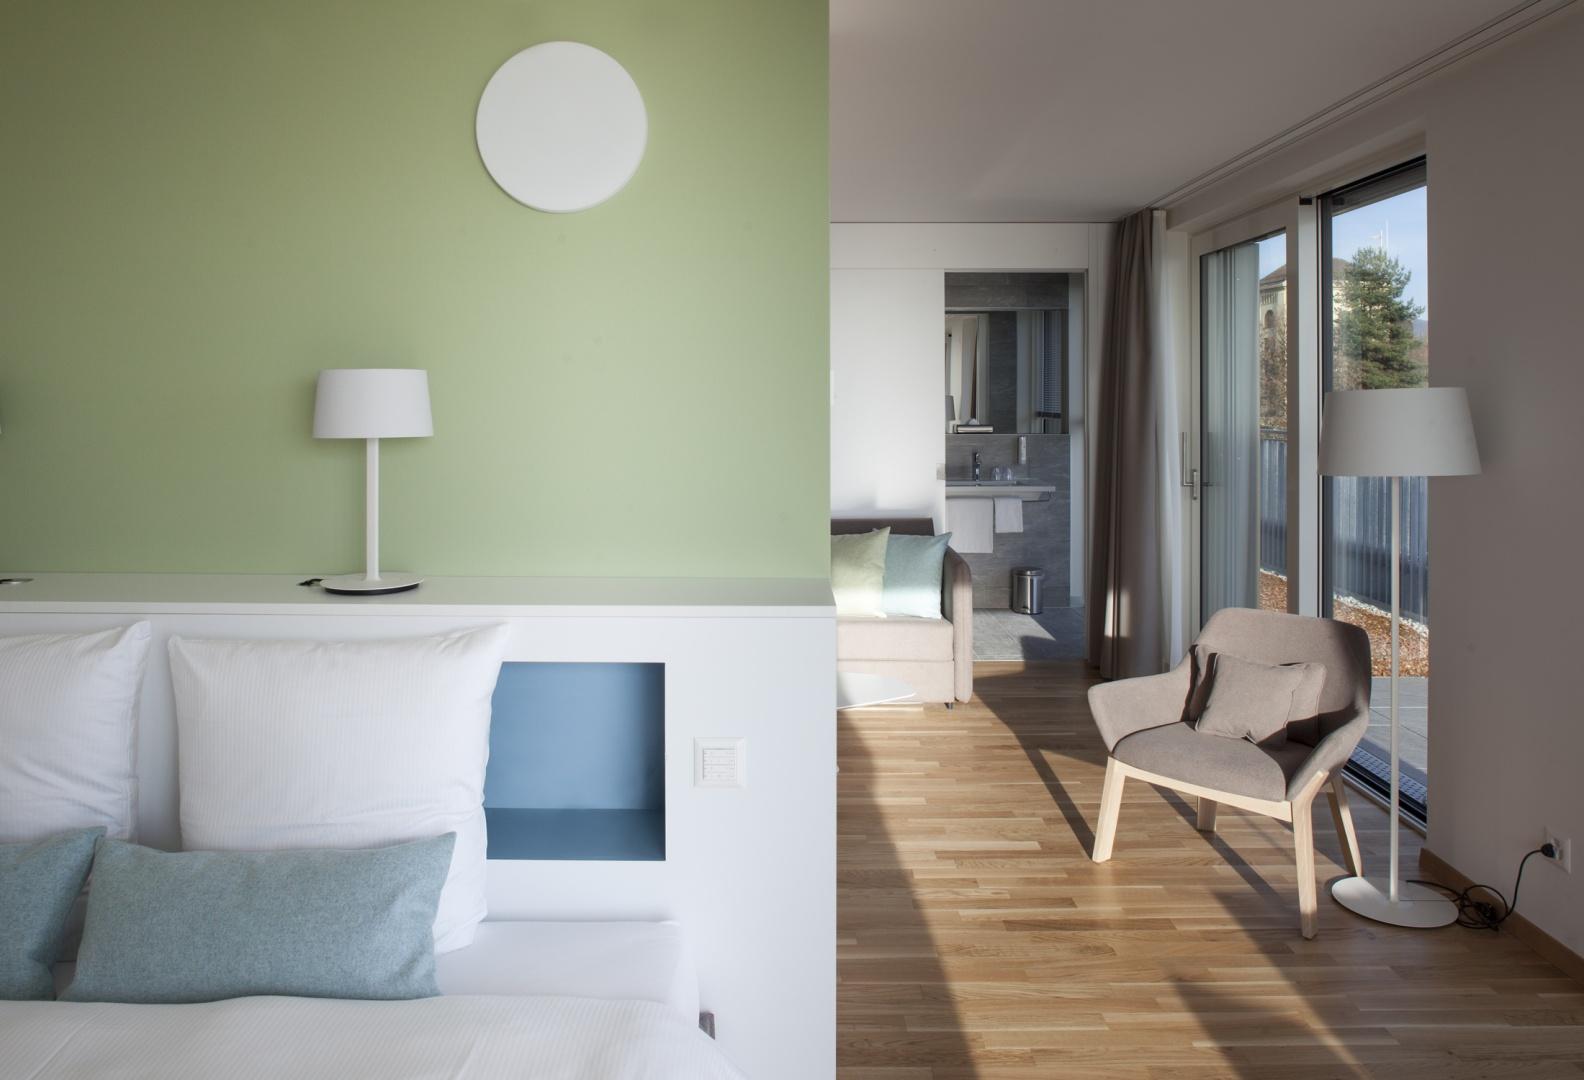 Hôtel des patients, chambre © Brauen Wälchli Architectes, Marc Schellenberg